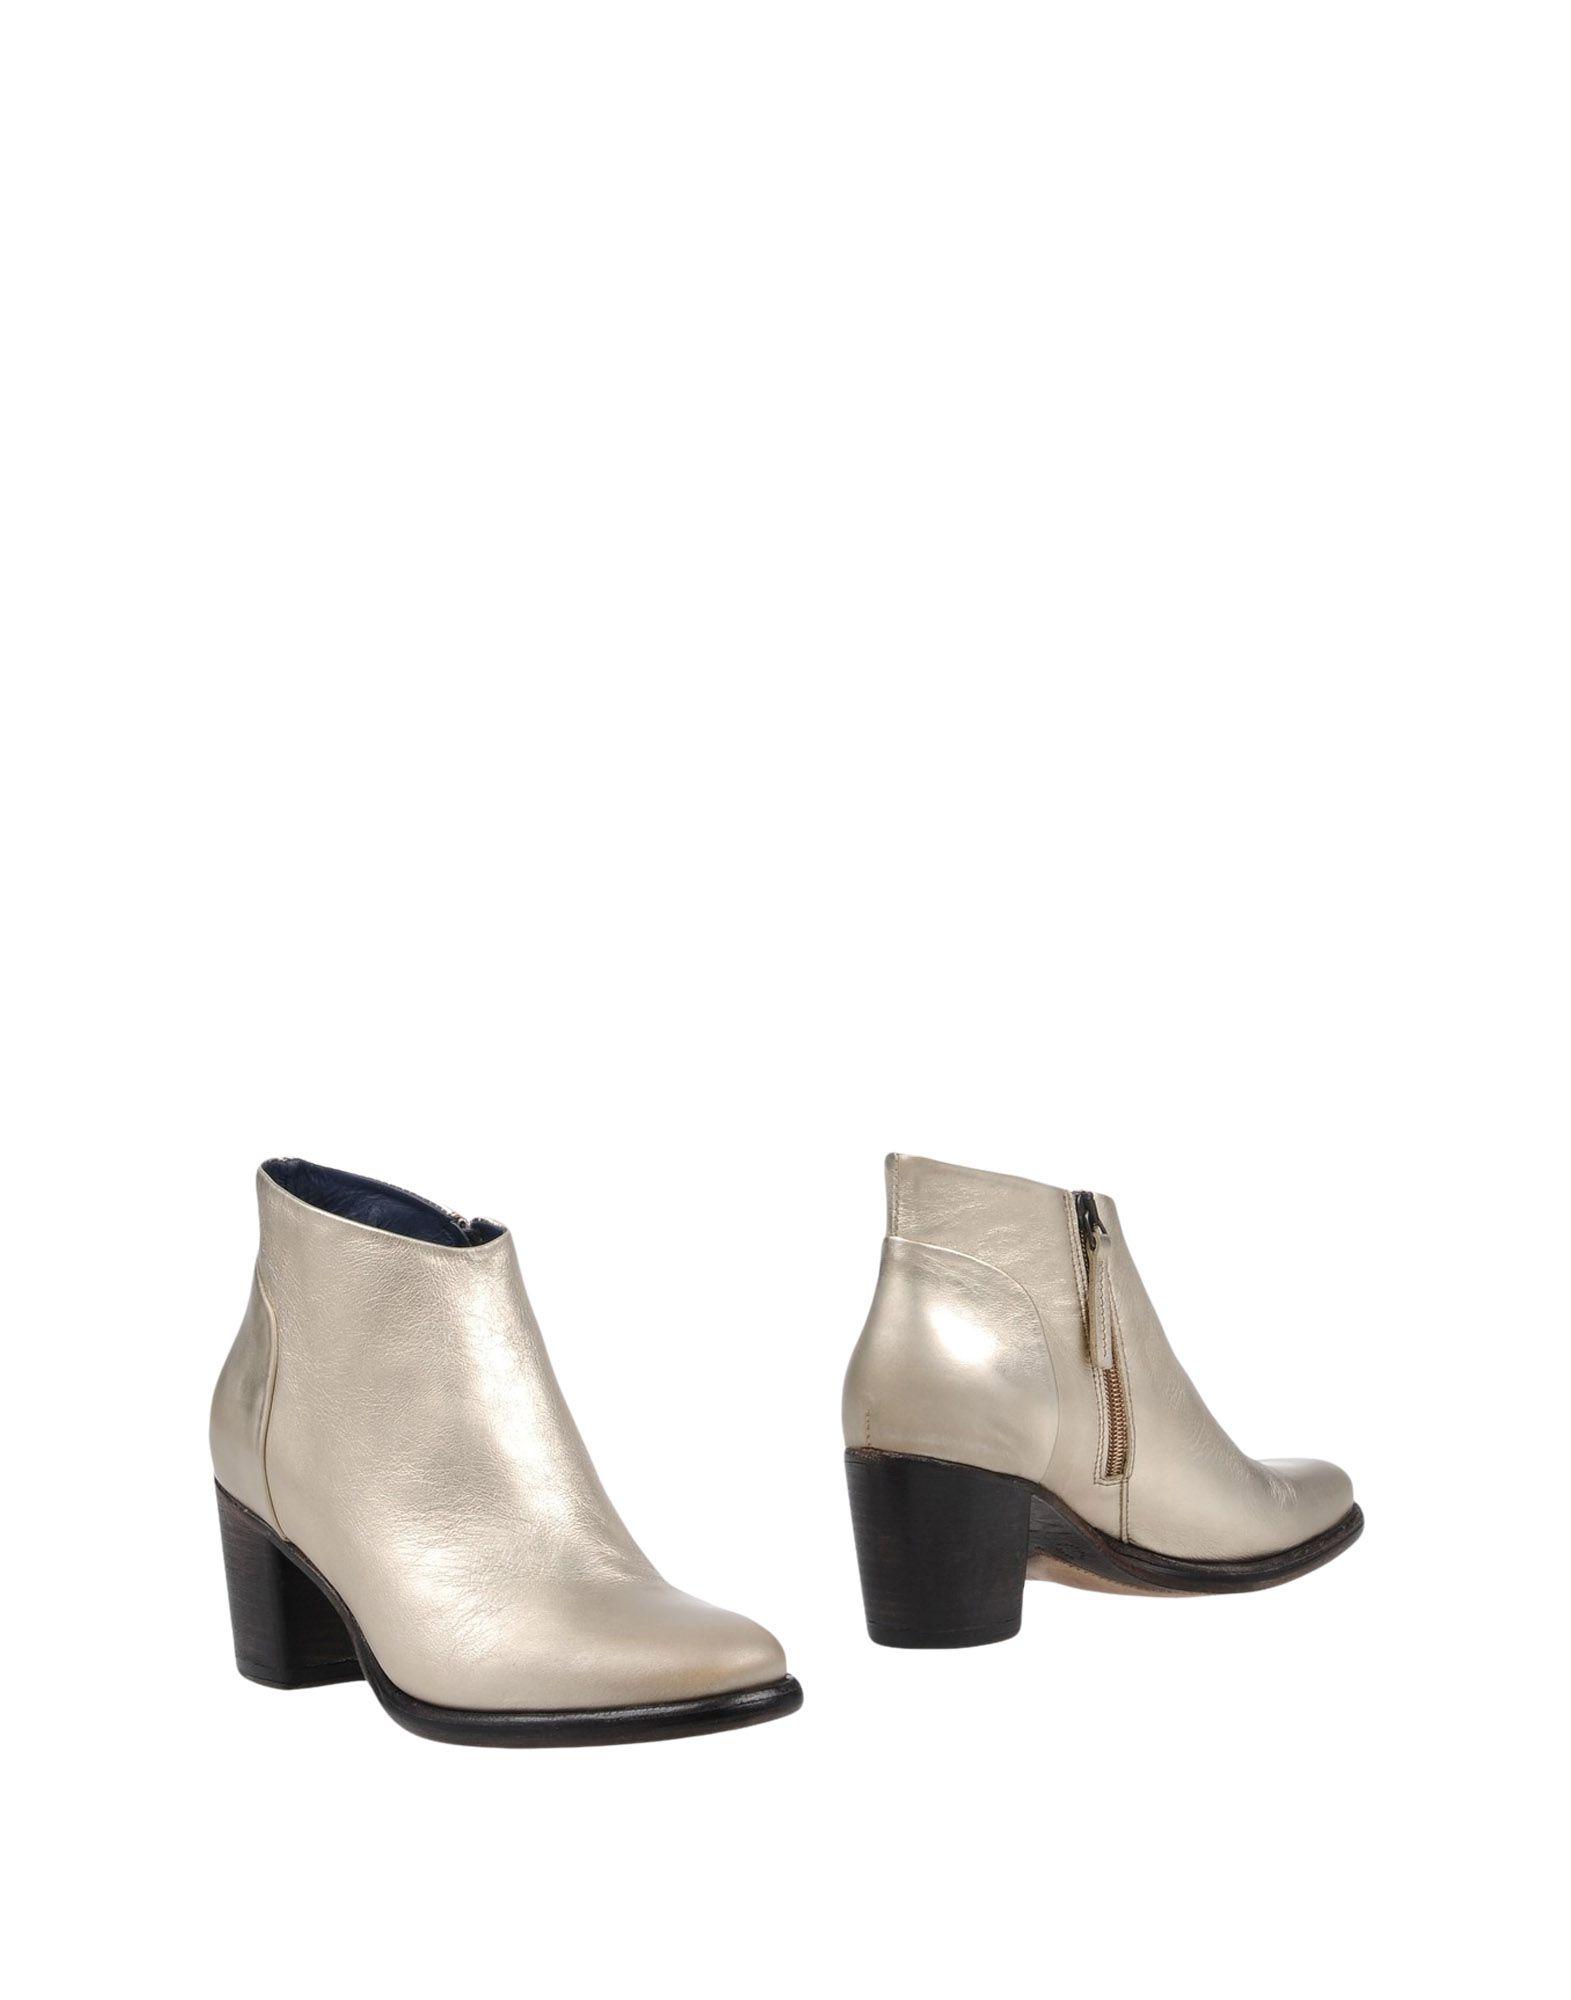 Gut um Stiefelette billige Schuhe zu tragenCreation Of Minds Stiefelette um Damen  11458009RV 571b4c